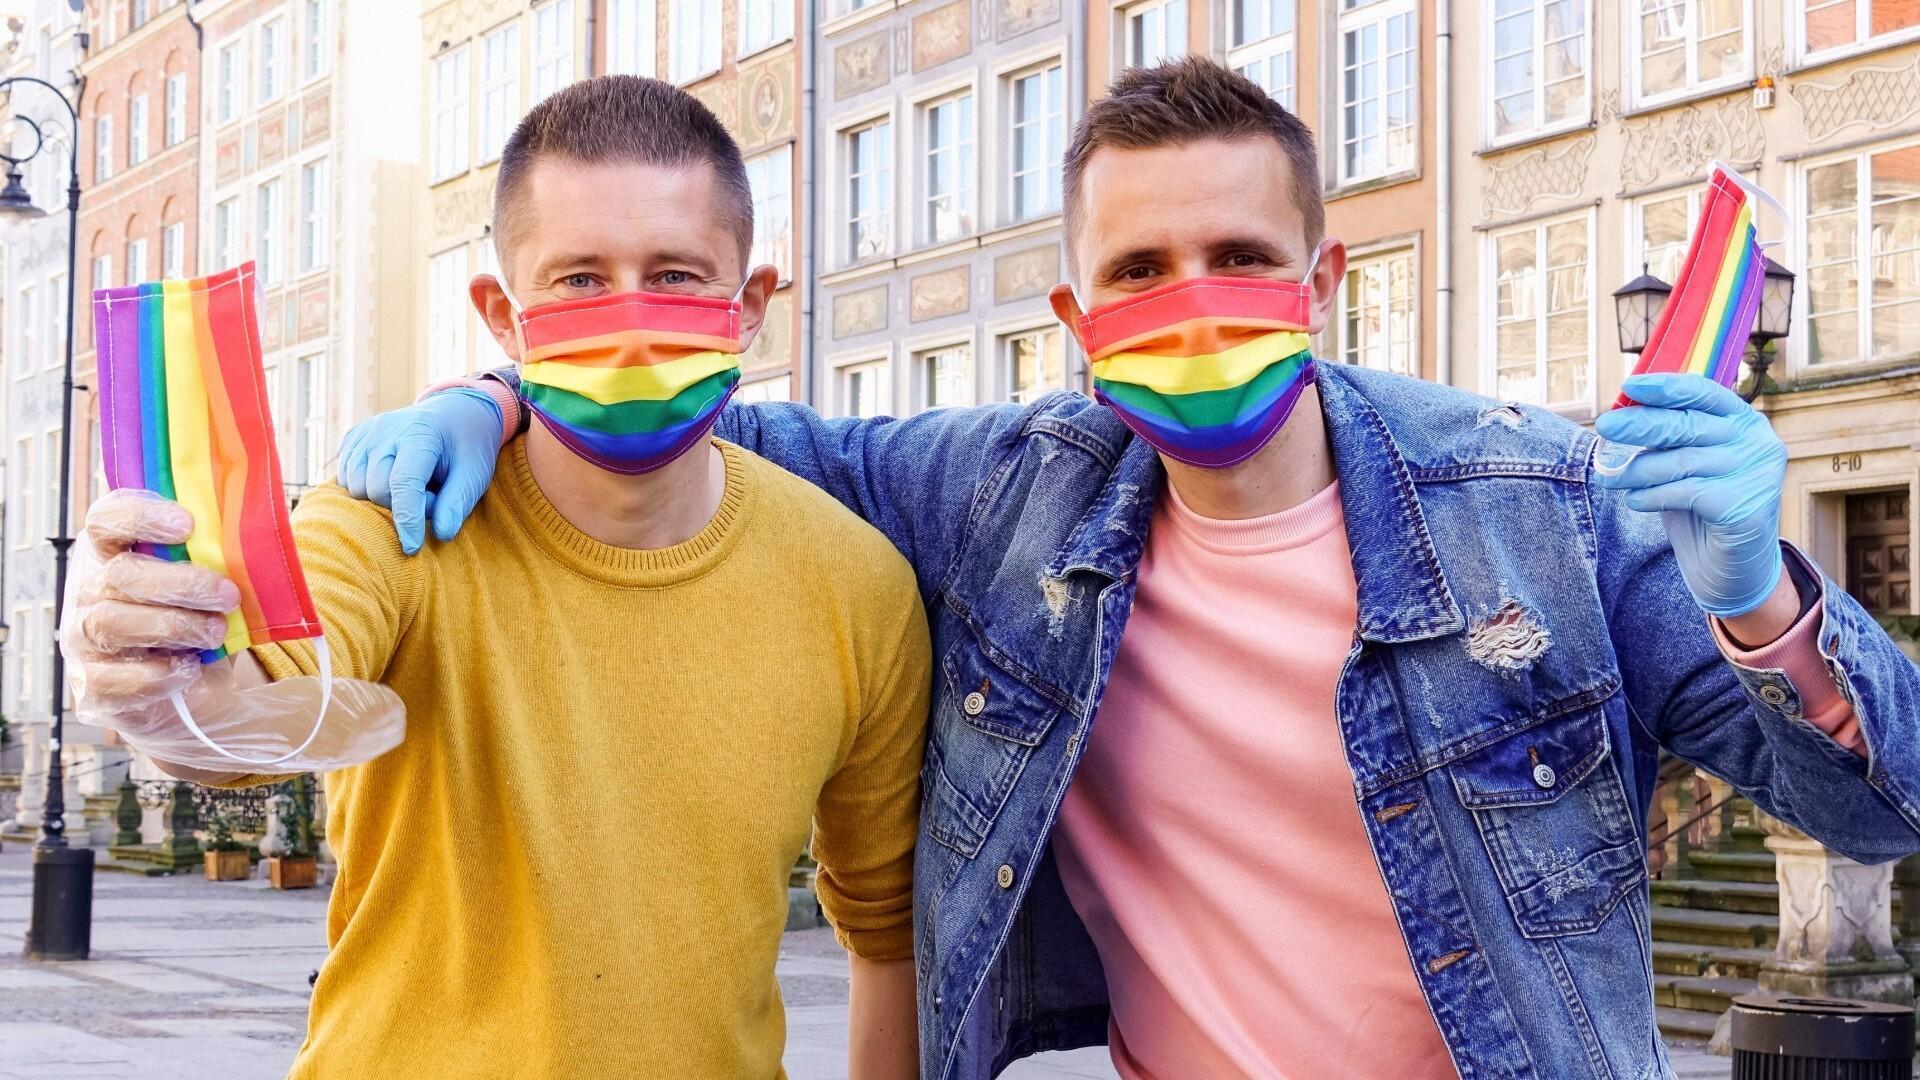 La pareja gay Dawid Mycek y Jakub Kwiecinski posan con las máscaras faciales con dibujos de arcoíris en una calle de Gdansk, Polonia, el 8 de abril de 2020. La pareja distribuyó 300 máscaras faciales con dibujos de arcoíris como un gesto para ayudar a las personas a protegerse contra la enfermedad por coronavirus (COVID) -19) brote y concienciar sobre la situación de la comunidad LGBT en Polonia. Fotografía tomada el 8 de abril de 2020.